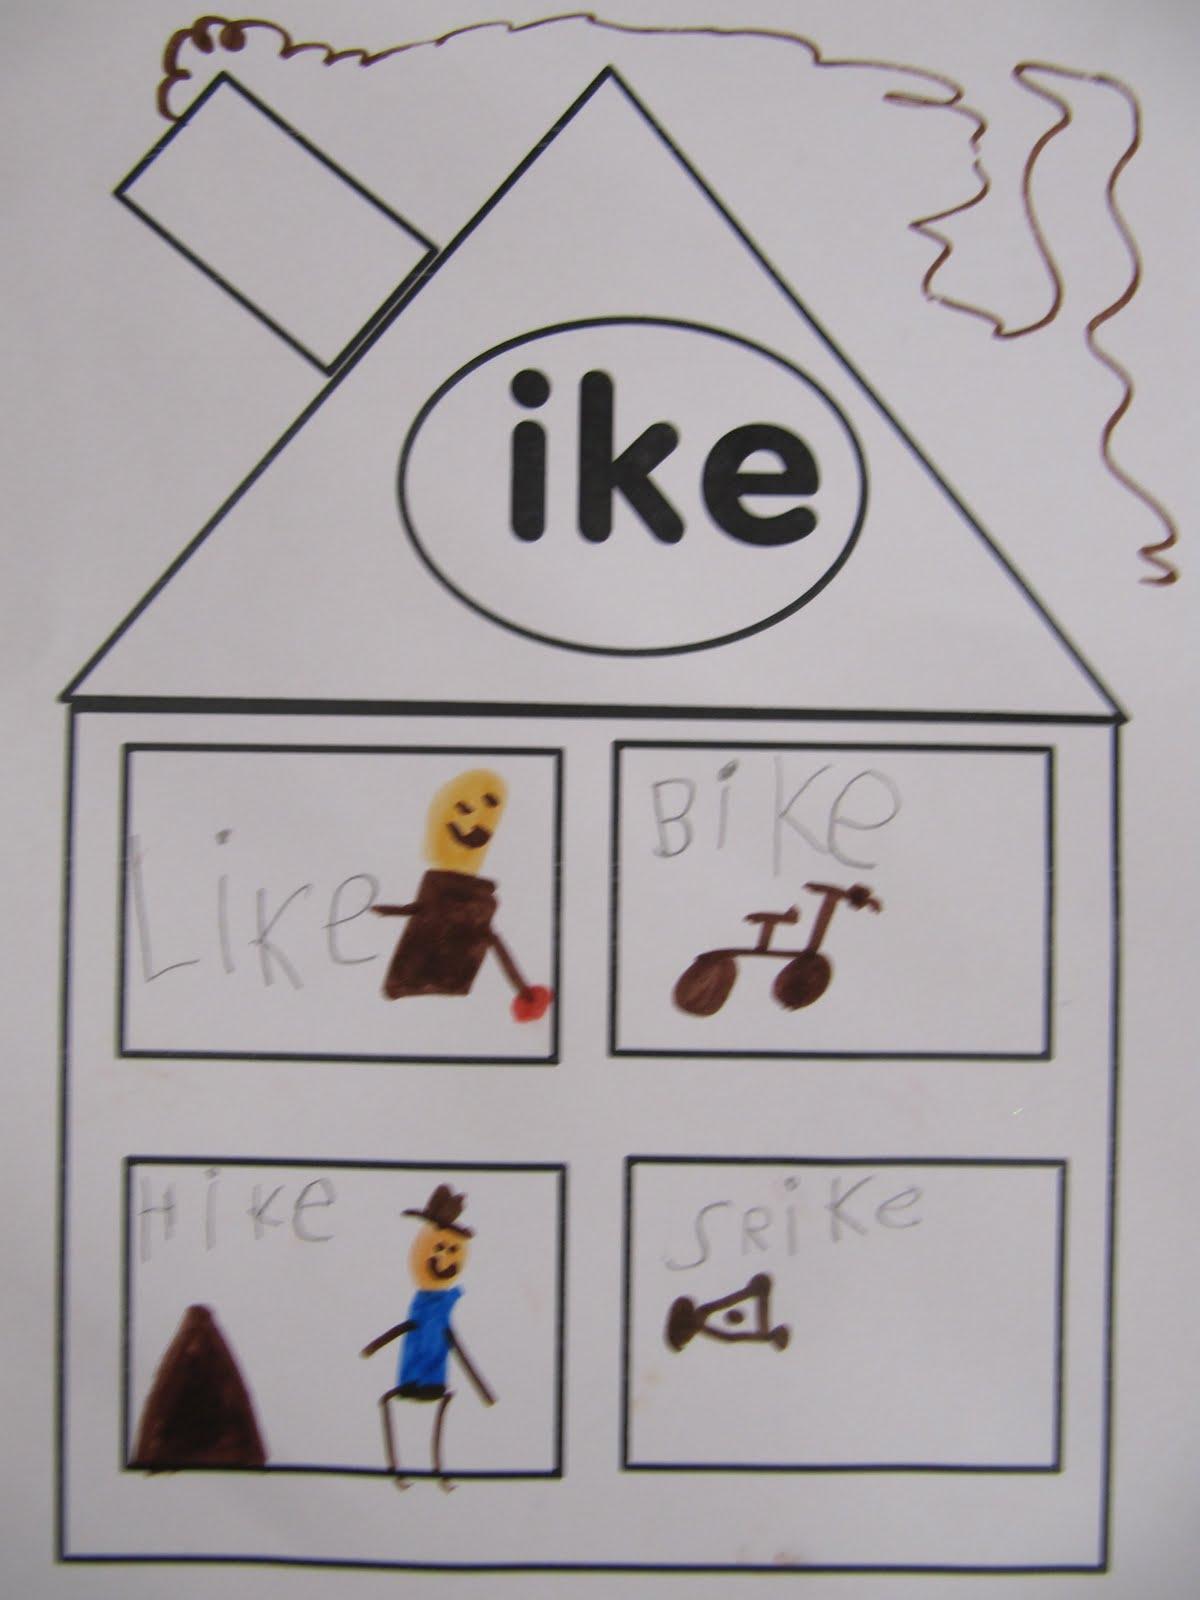 Joyful Learning In Kc Word Family Ike